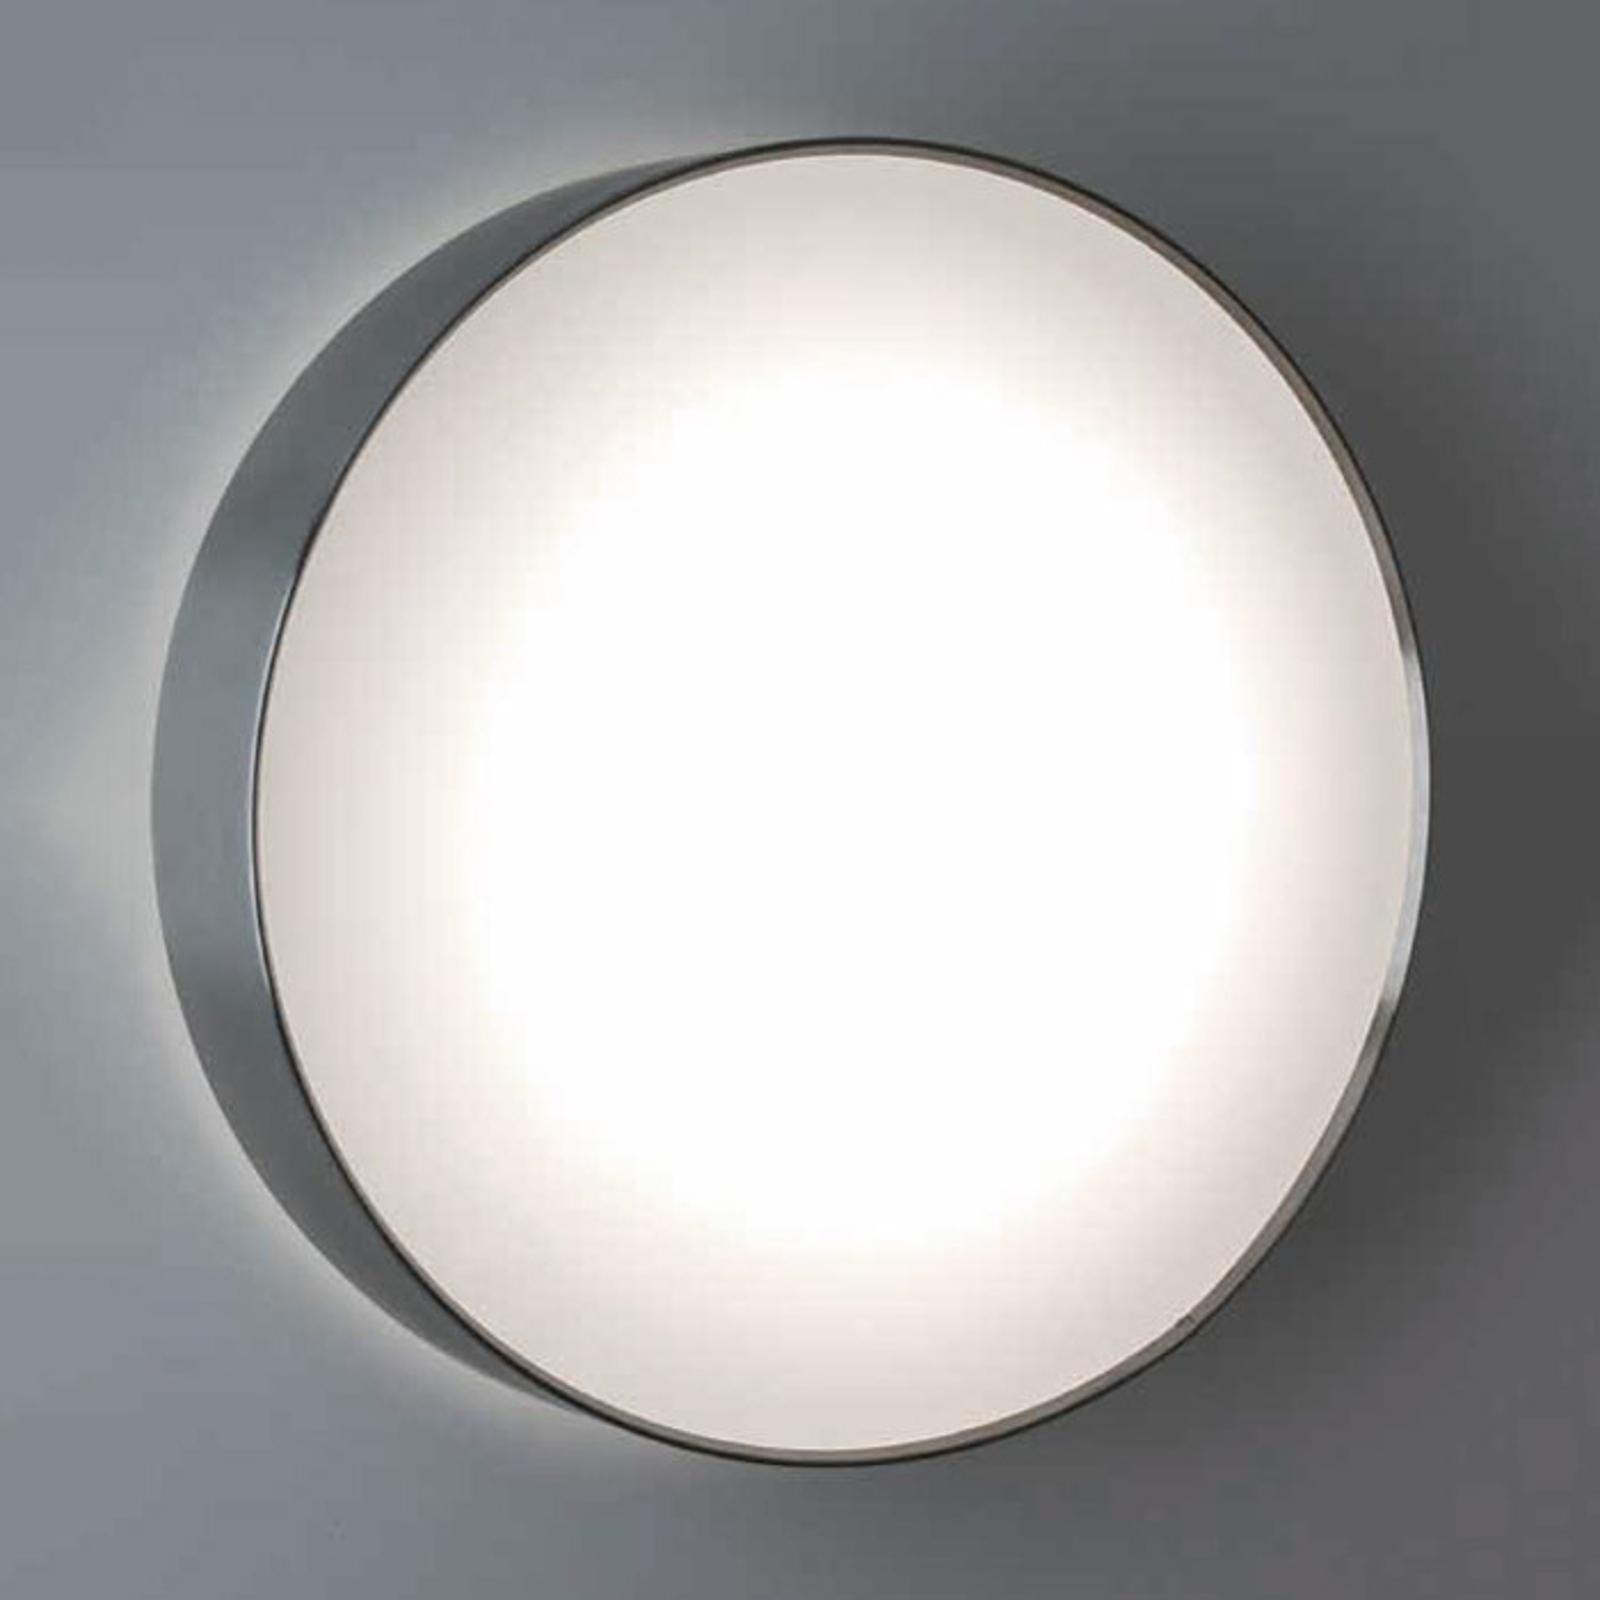 Applique di acciaio inox SUN 4 LED, 8W 4K